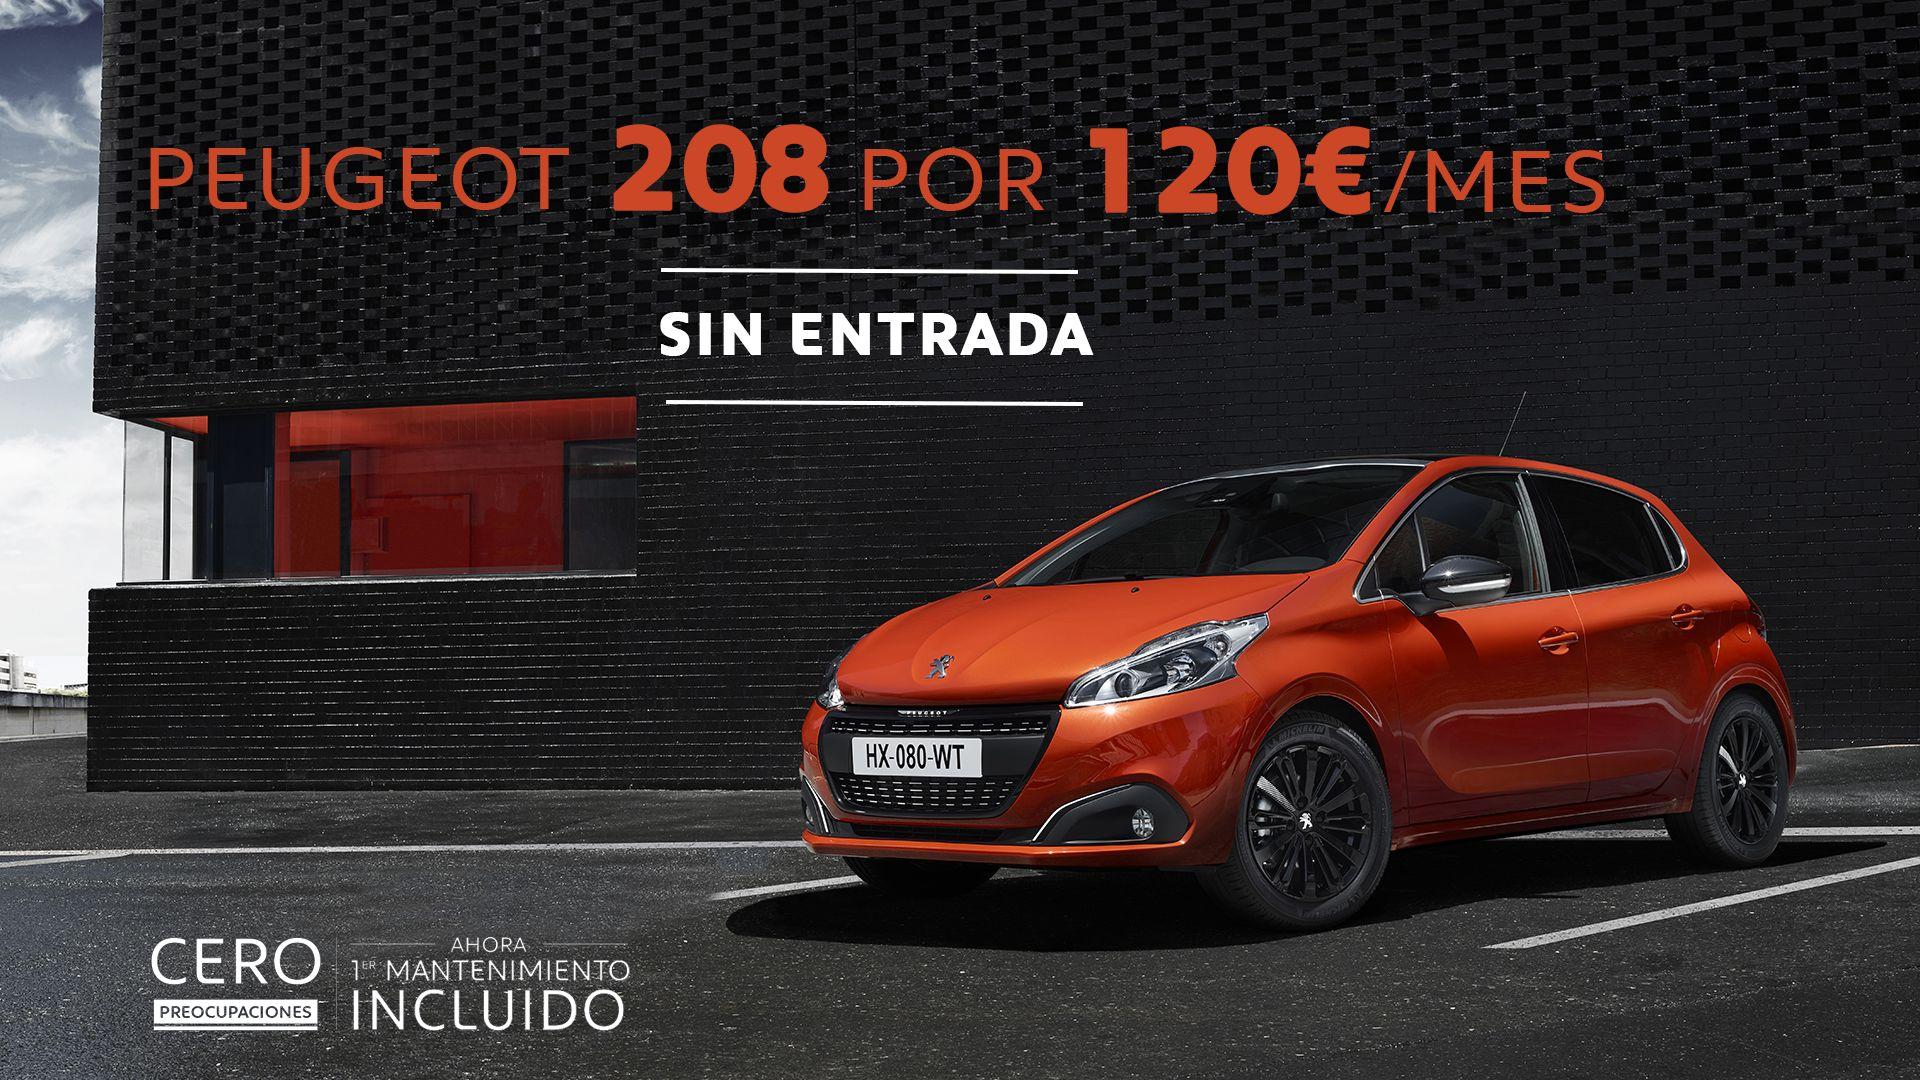 Peugeot 208 SIN entrada por 120€/mes y con mantenimiento incluido